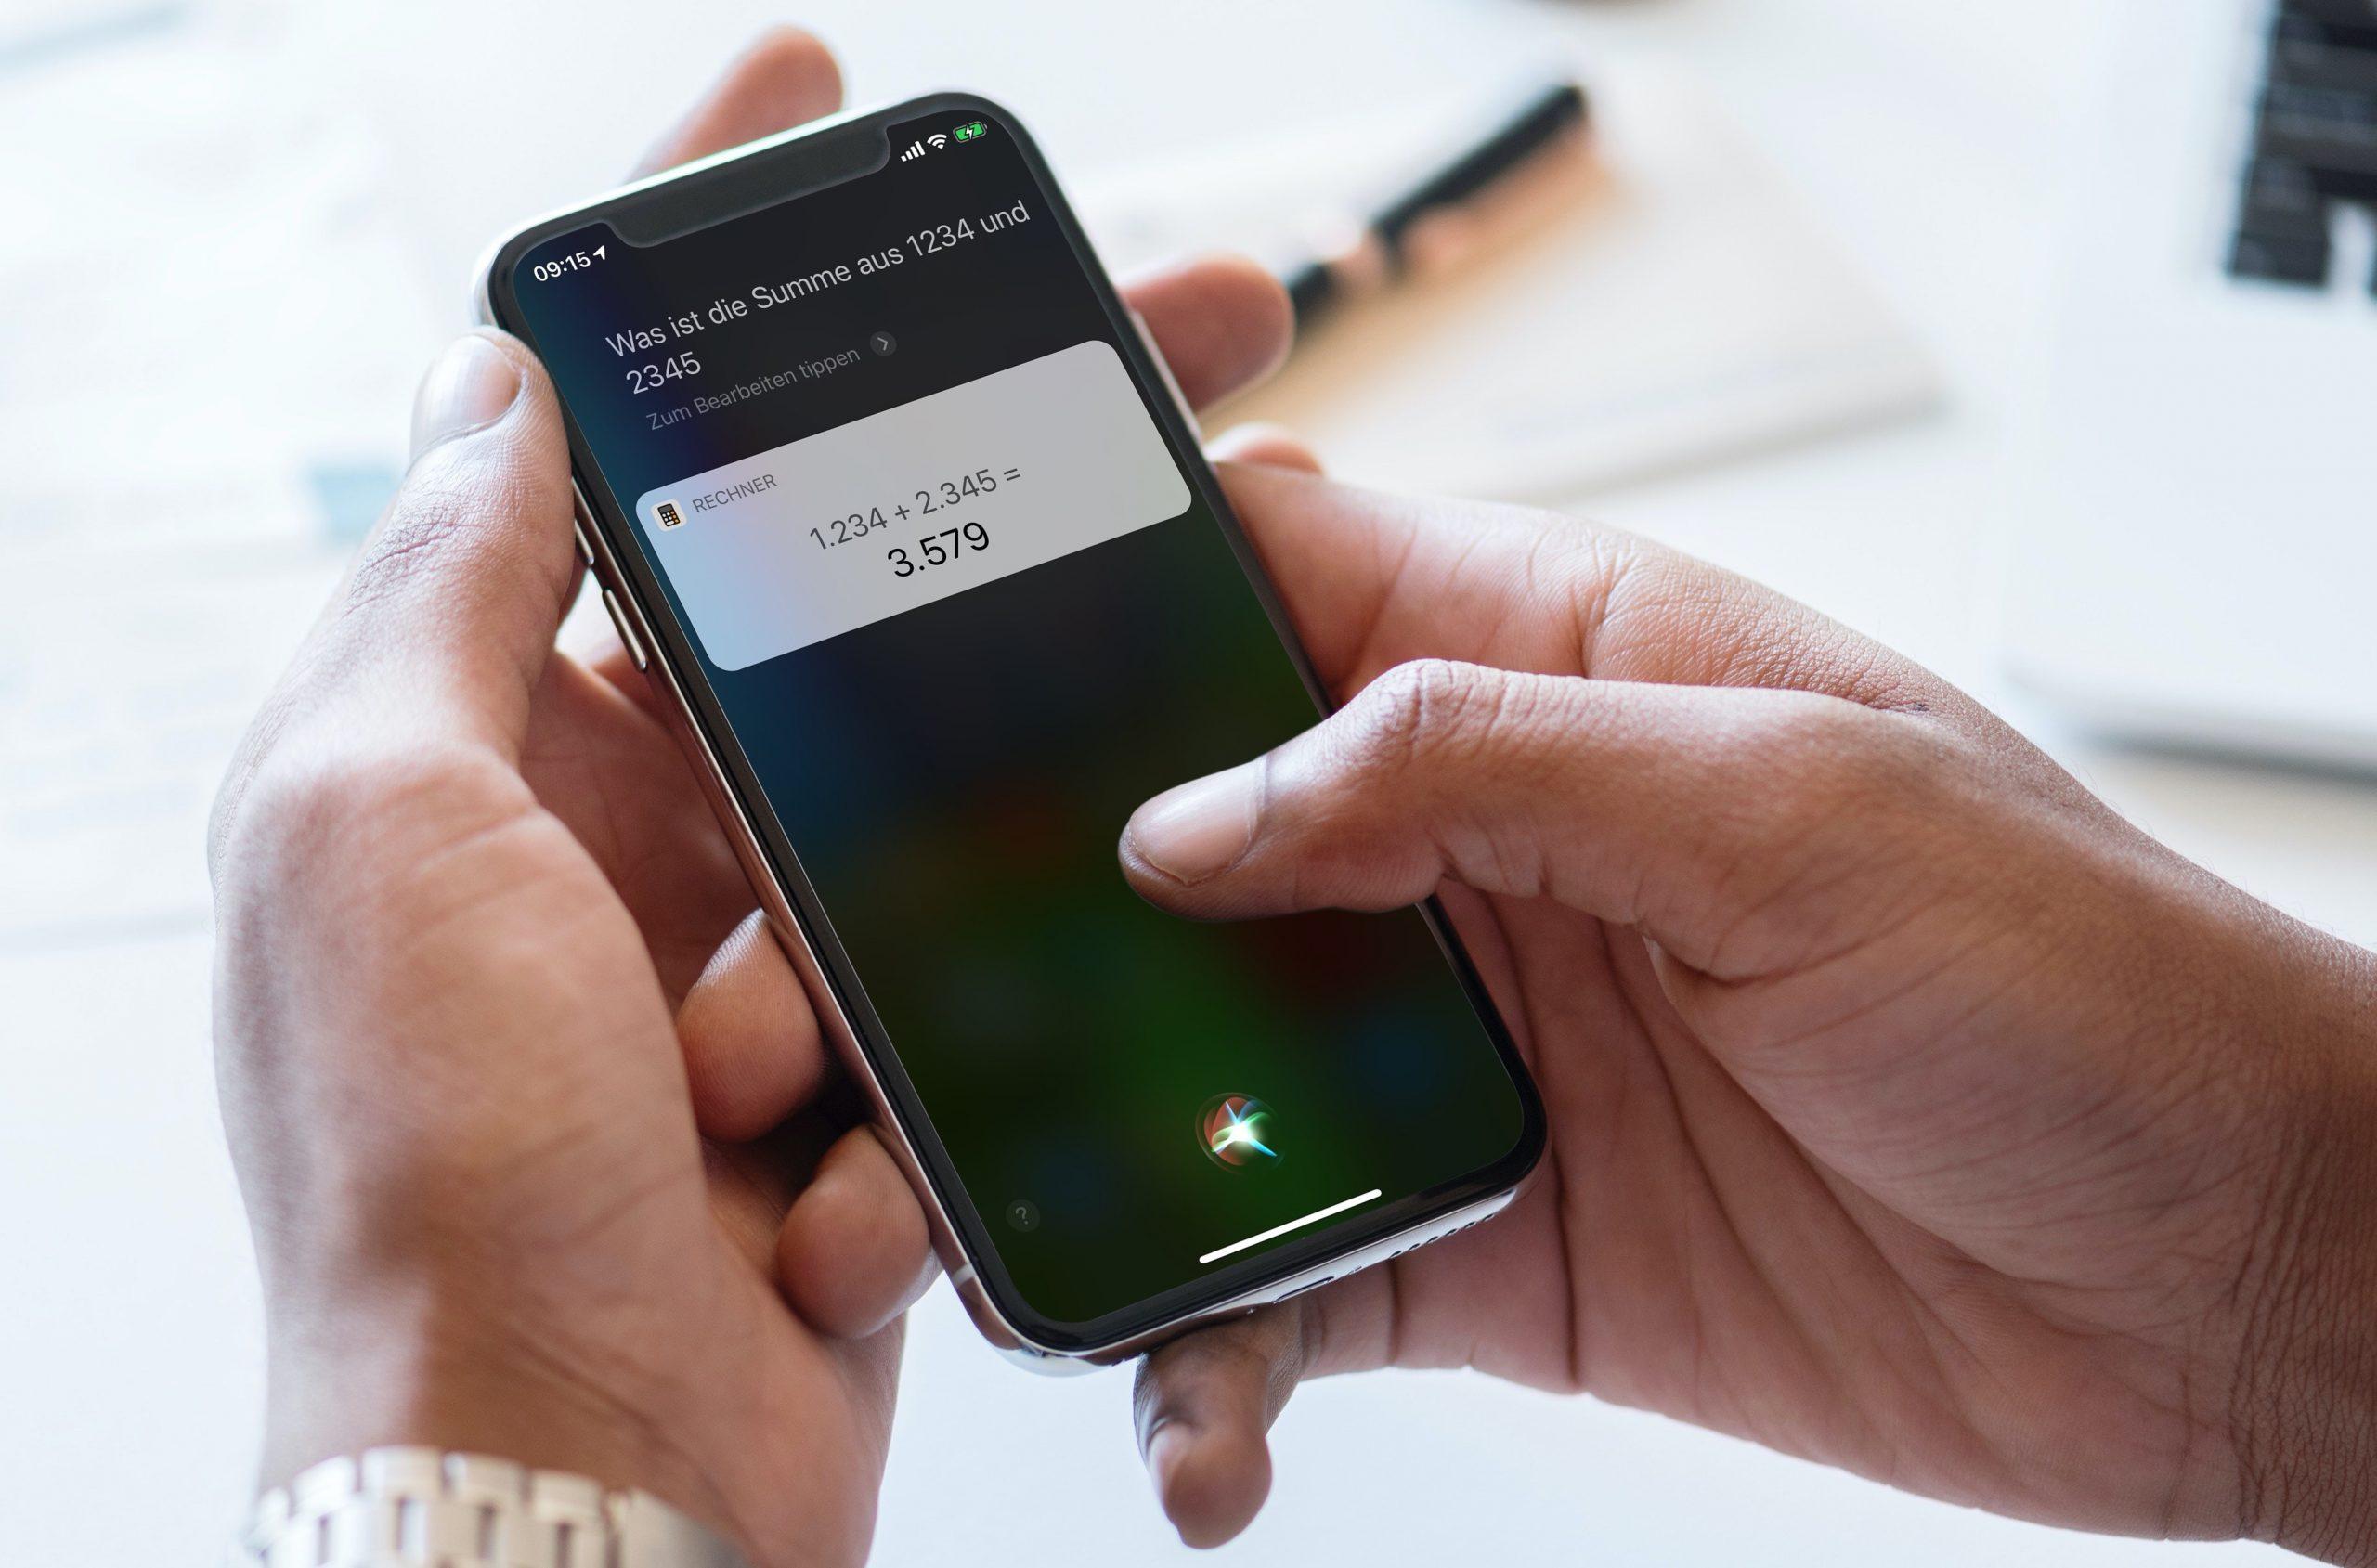 iphone-siri-mathe-aufgabe-rechnen